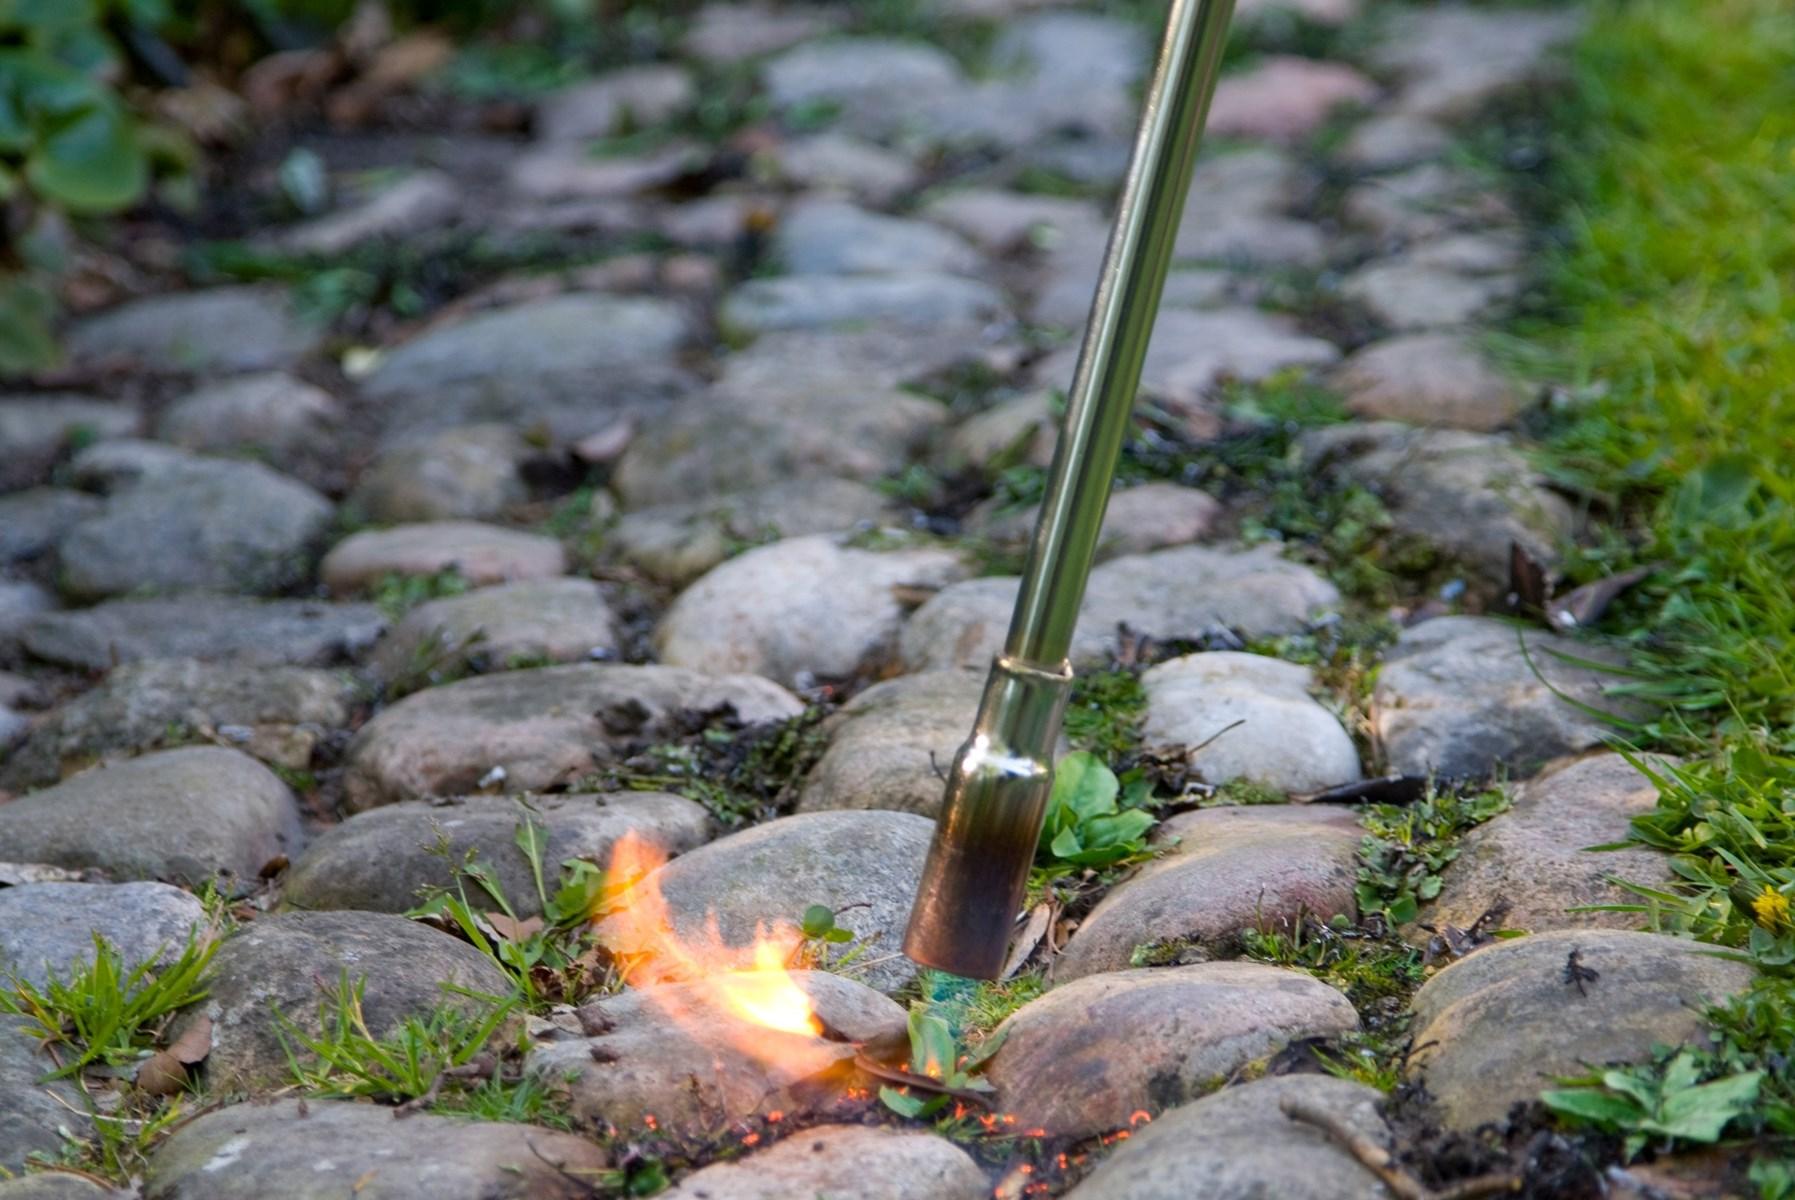 Ukrudtsbrænder: Skalborg-villa millimeter fra at brænde ned